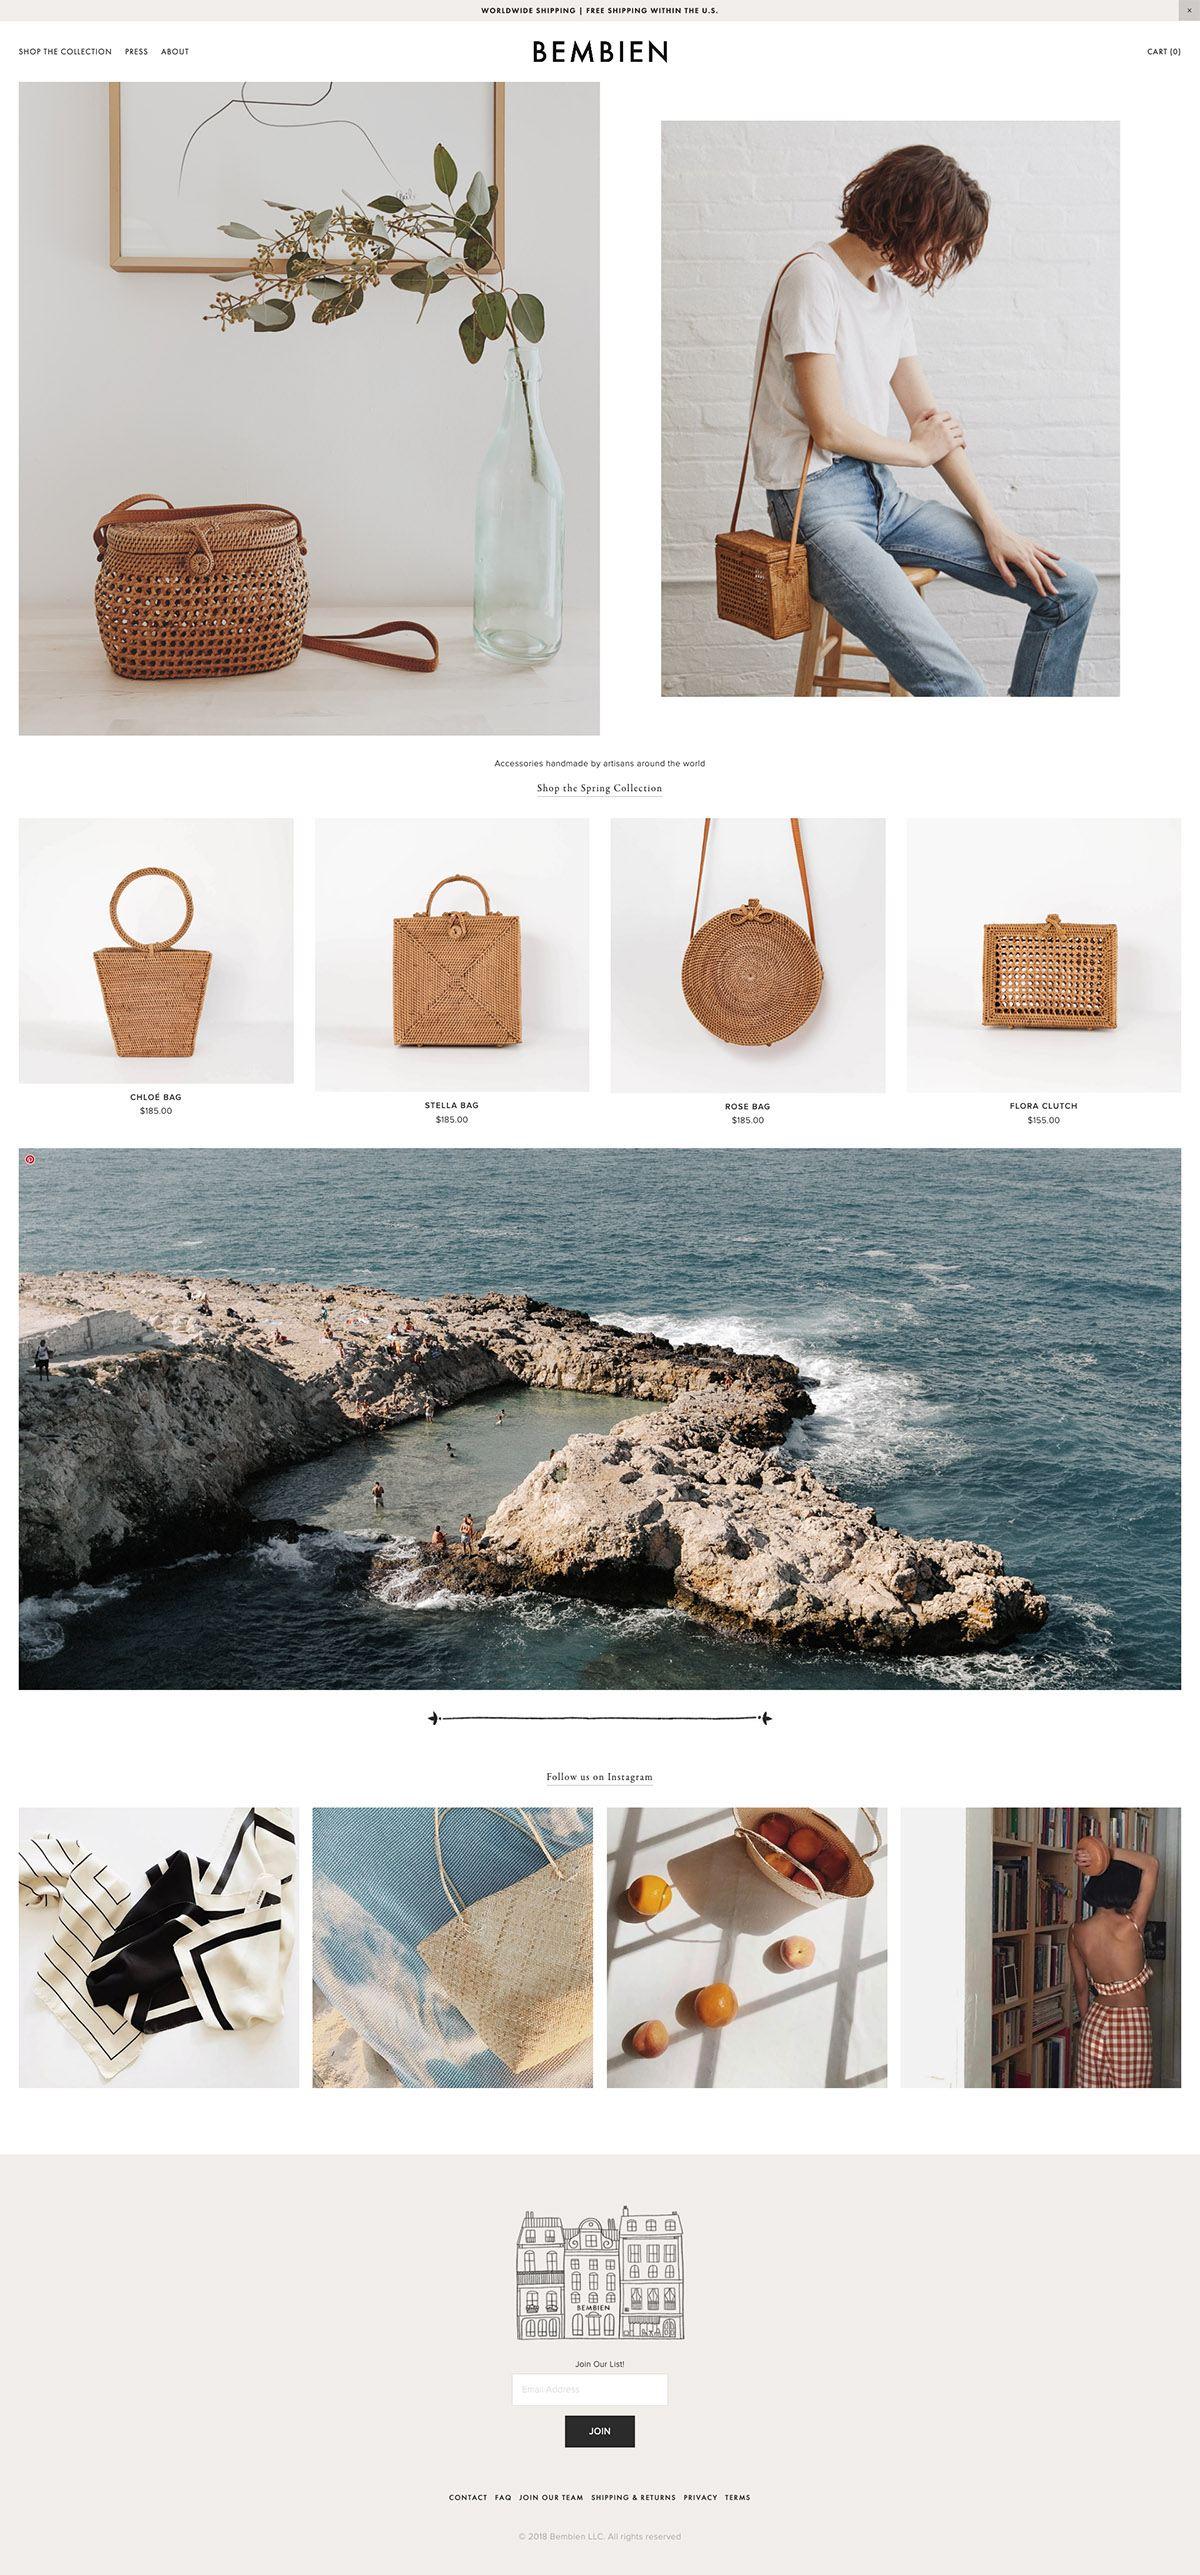 eCommerce website: Bembien